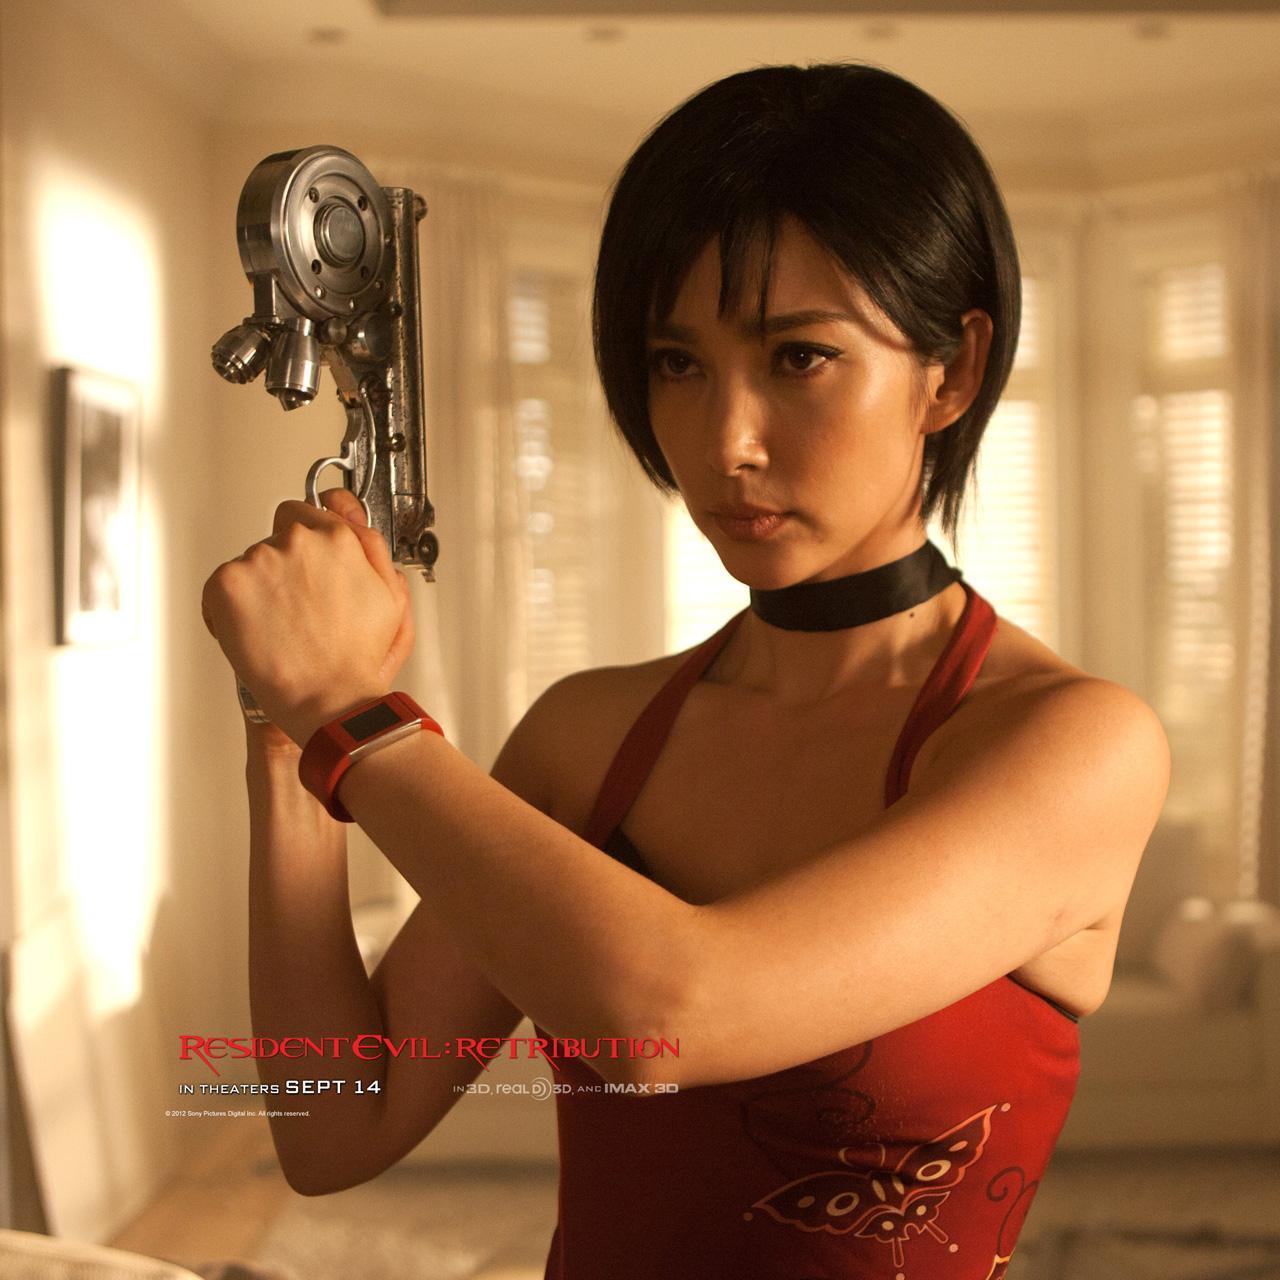 http://4.bp.blogspot.com/-_q__3nzLQlM/UC0zpVhJ4nI/AAAAAAAAKdU/cxHUyb3J2CA/s1600/resident-evil-la-venganza-foto-22.jpg